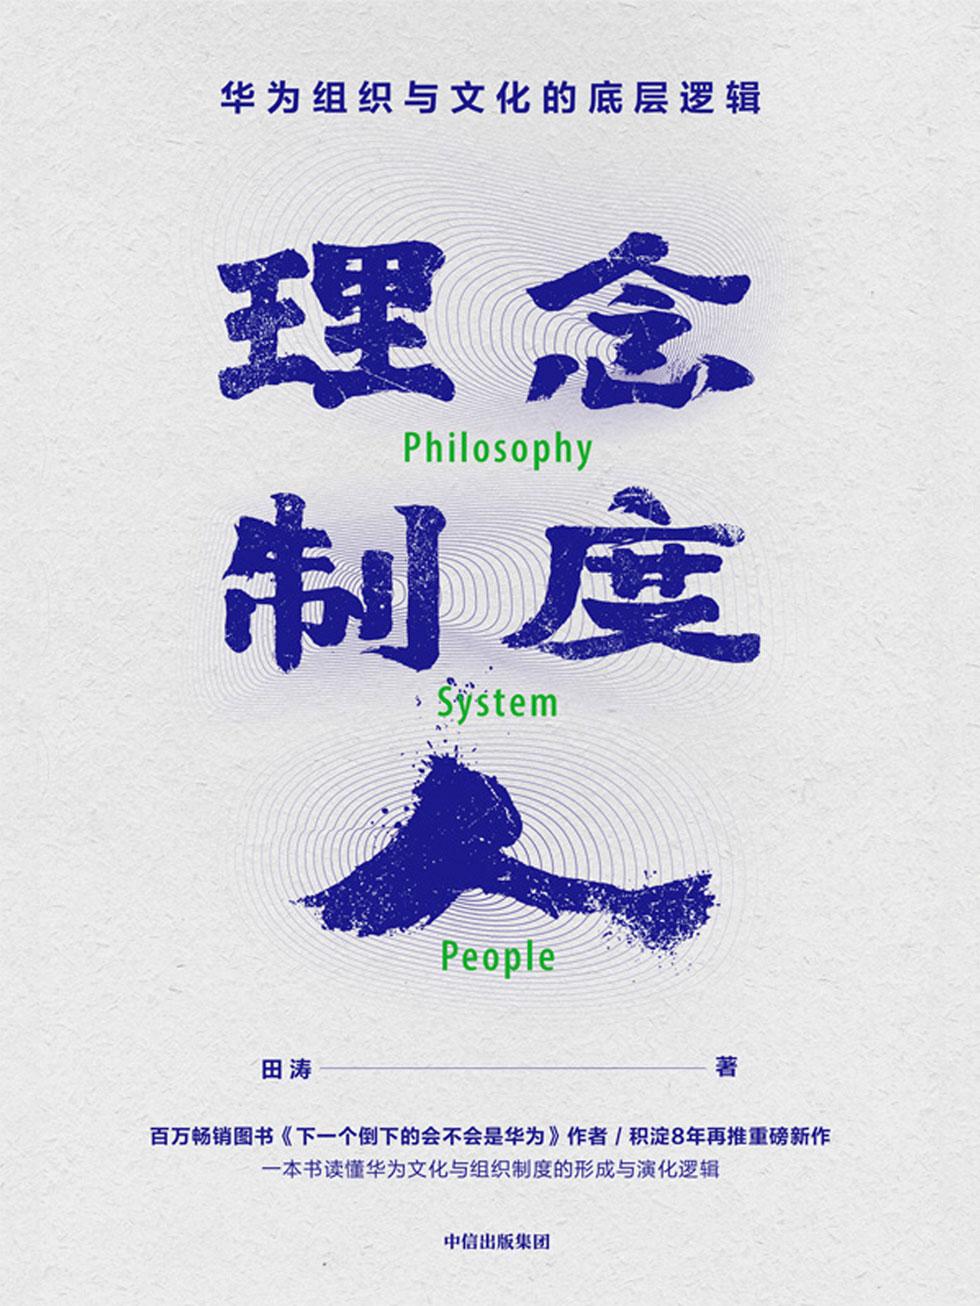 理念·制度·人:华为组织与文化的底层逻辑.jpg